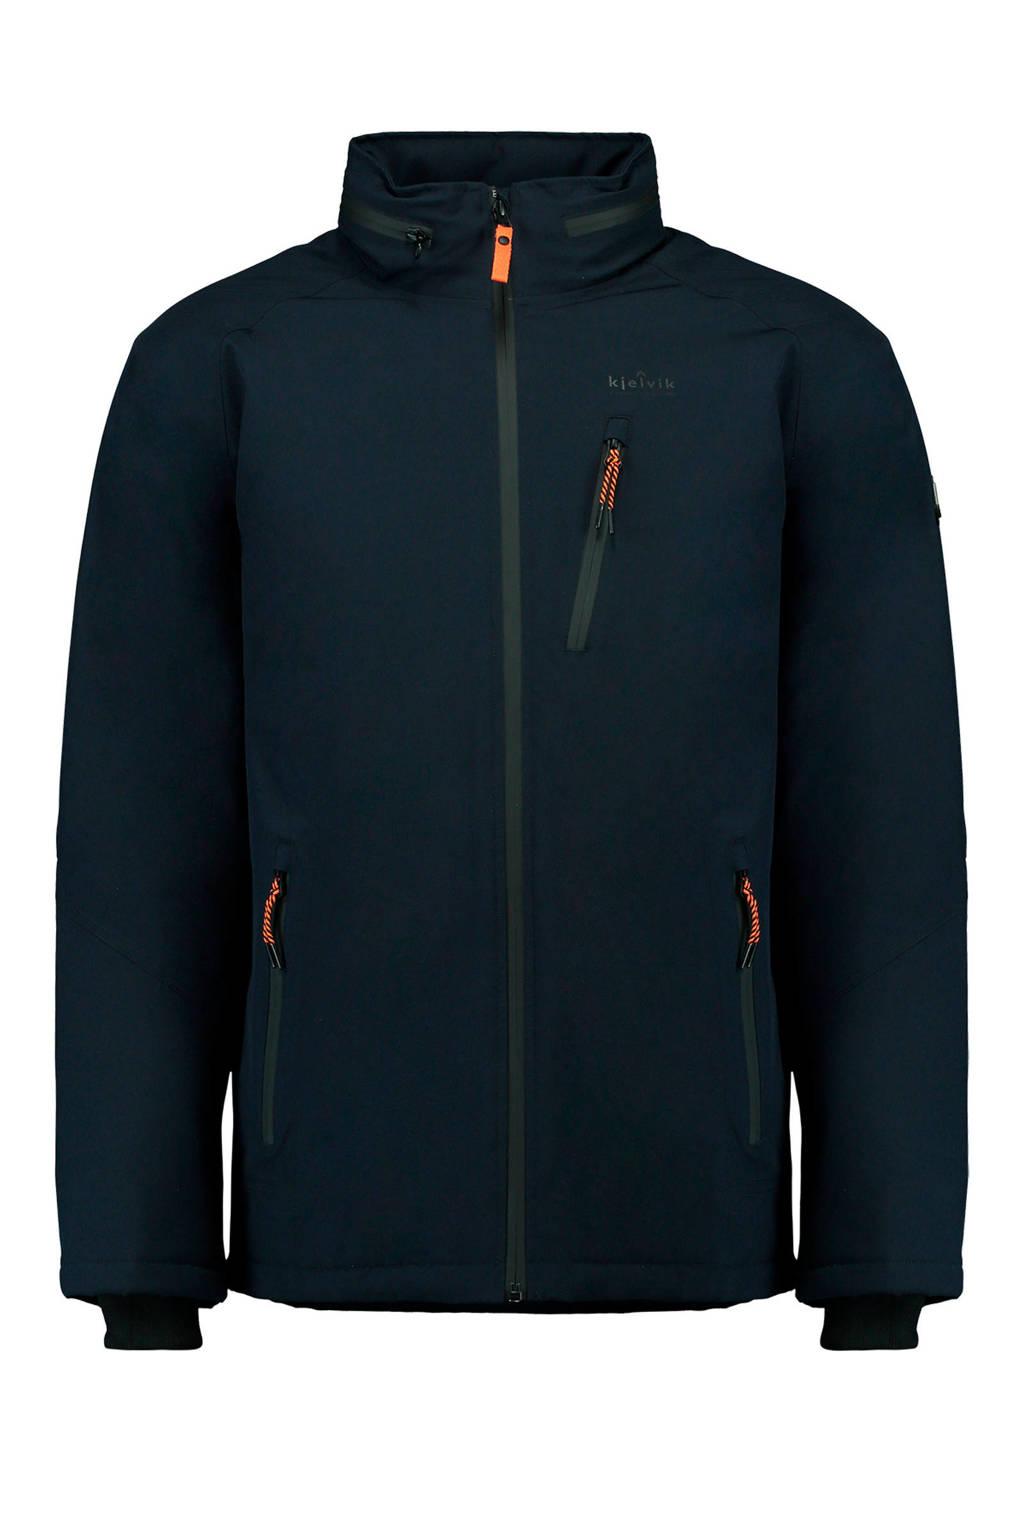 Kjelvik Outdoor jas donkerblauw, Donkerblauw